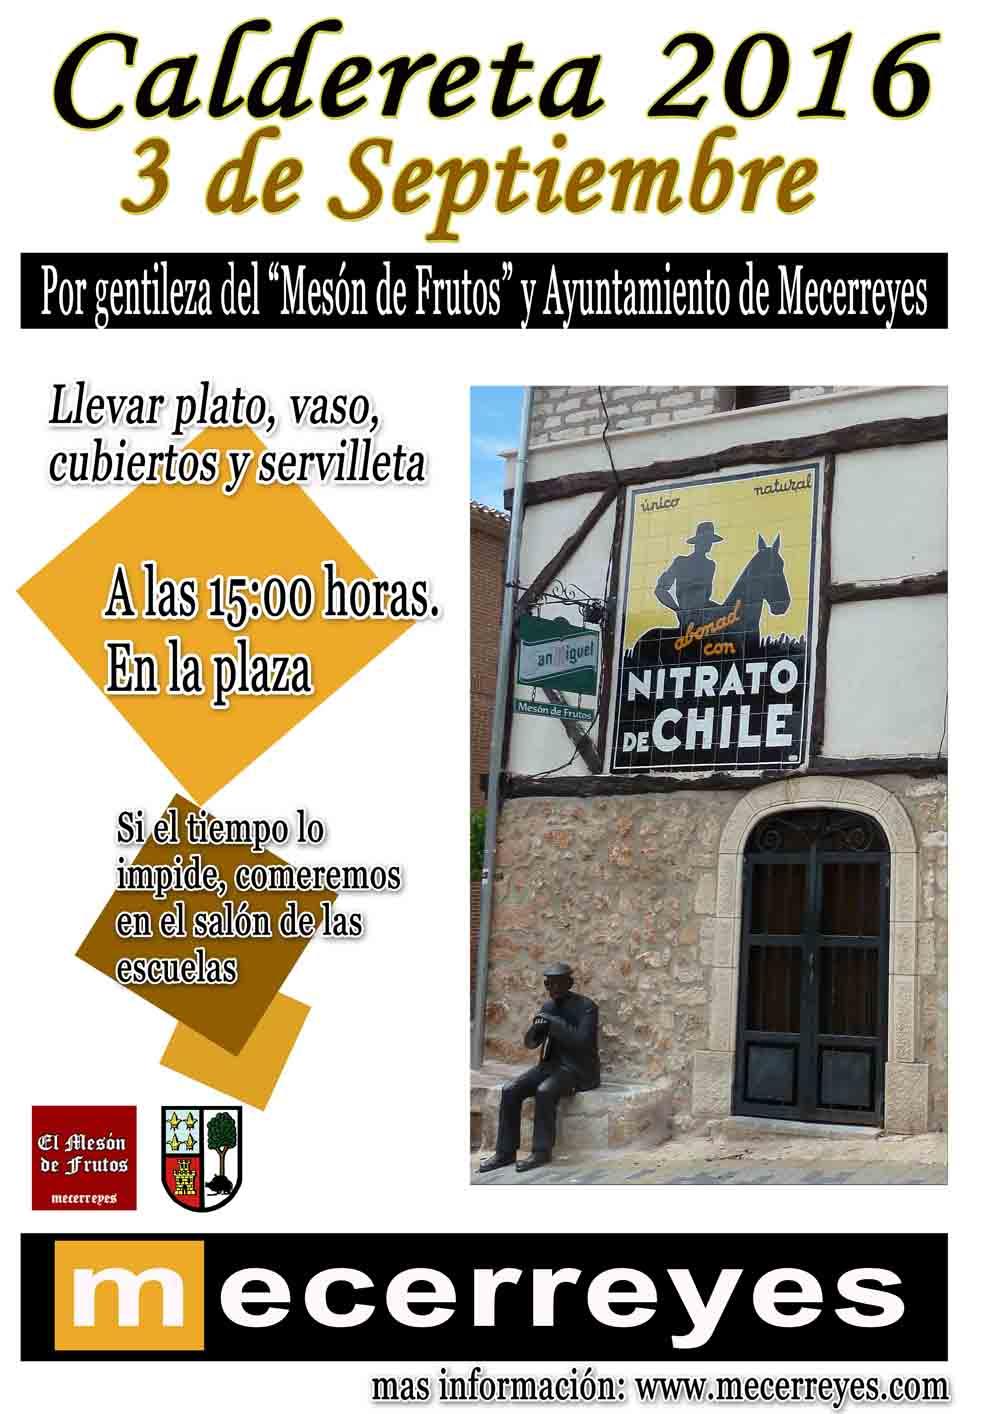 Caldereta 3-09-2016 Mecerreyes